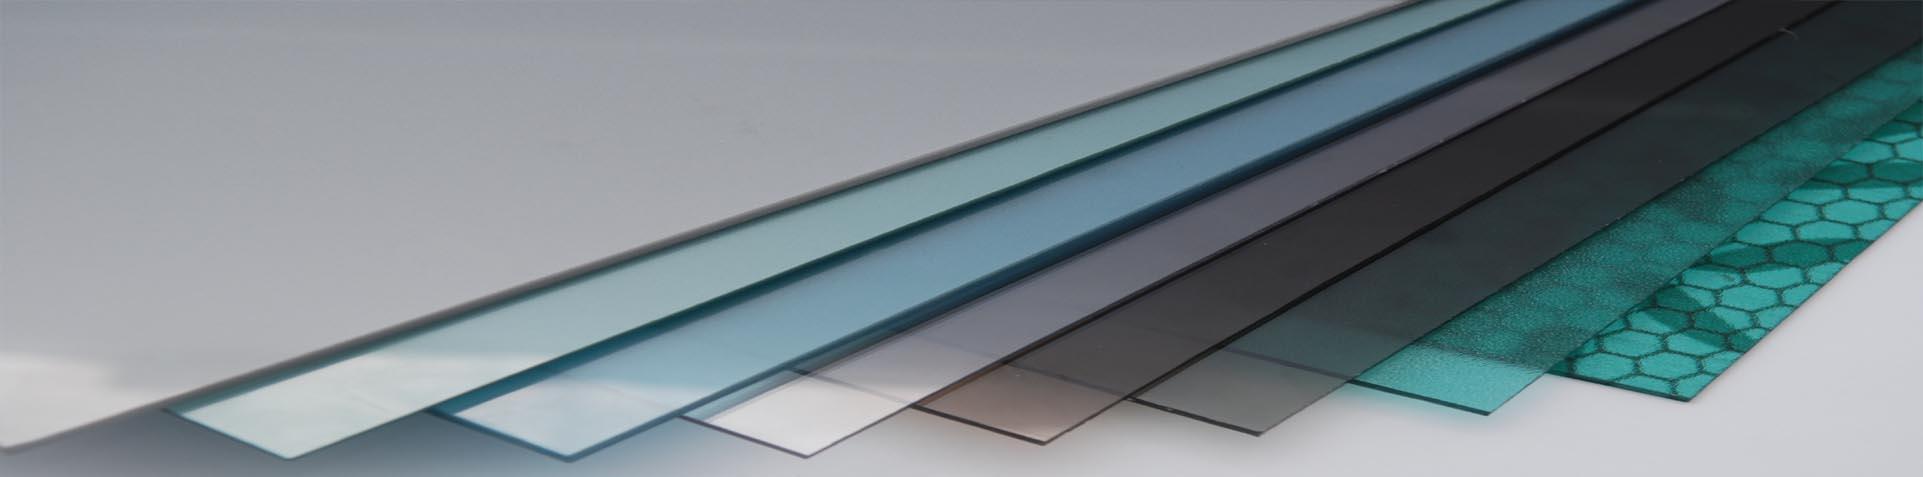 Tấm nhựa lợp mái lấy sáng thông minh polycarbonate dạng đặc ruột